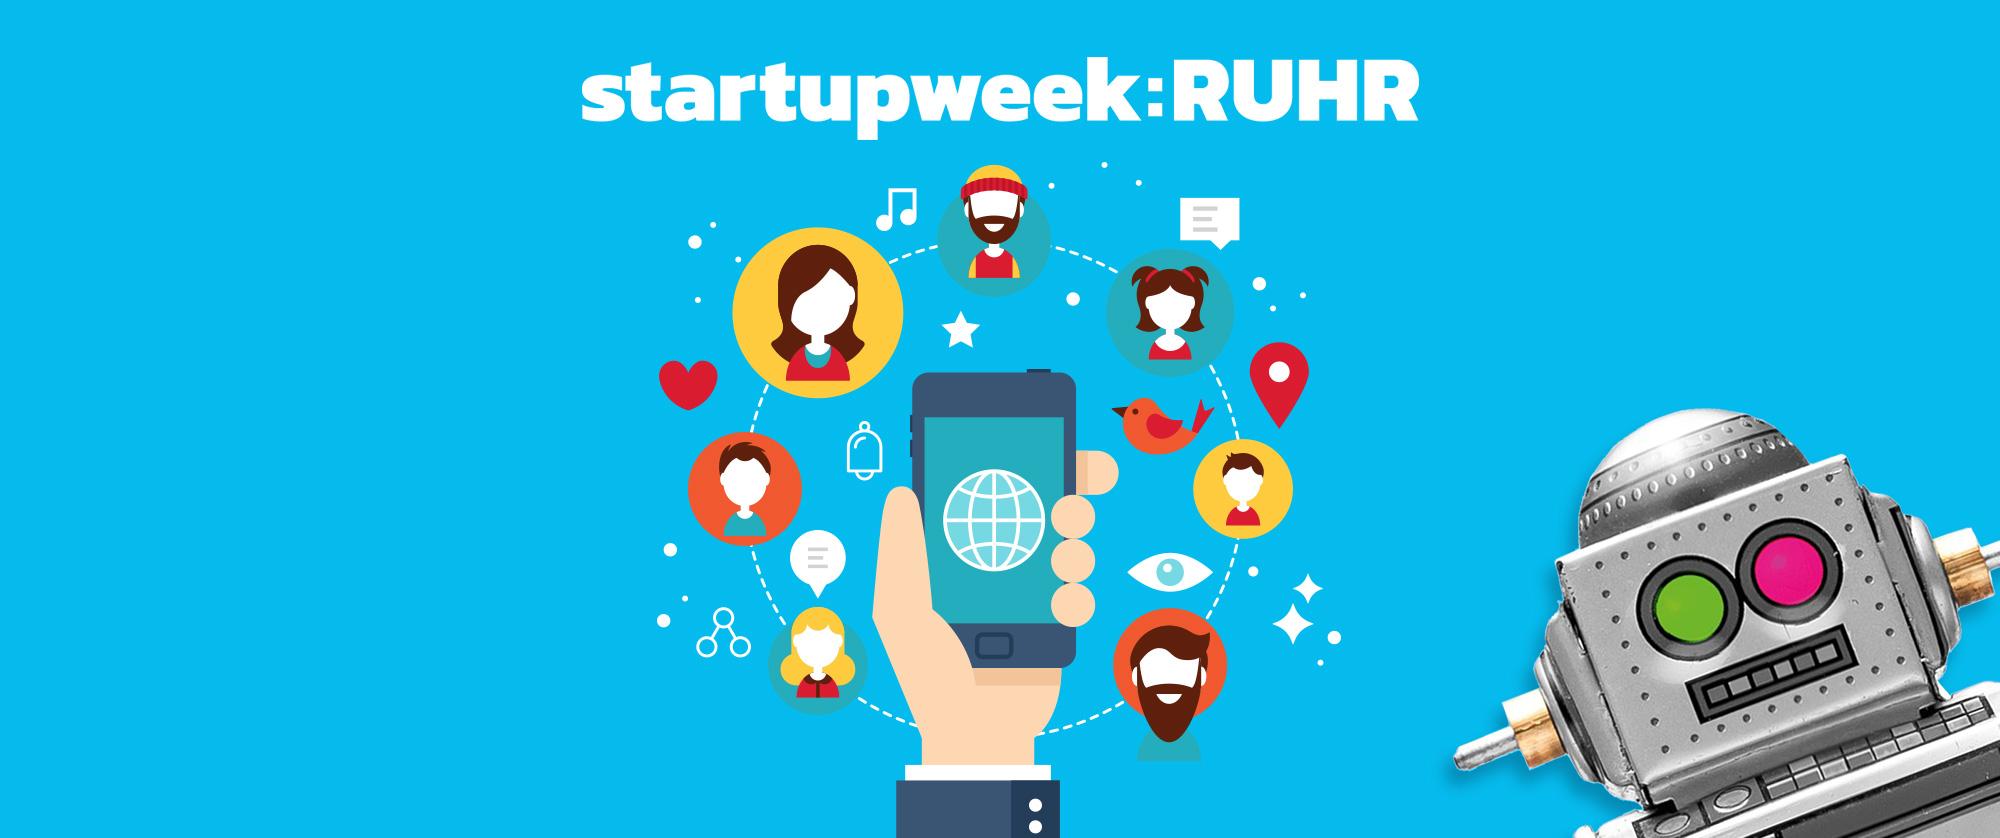 Camp Essen - Startupweek 2018 Social Media